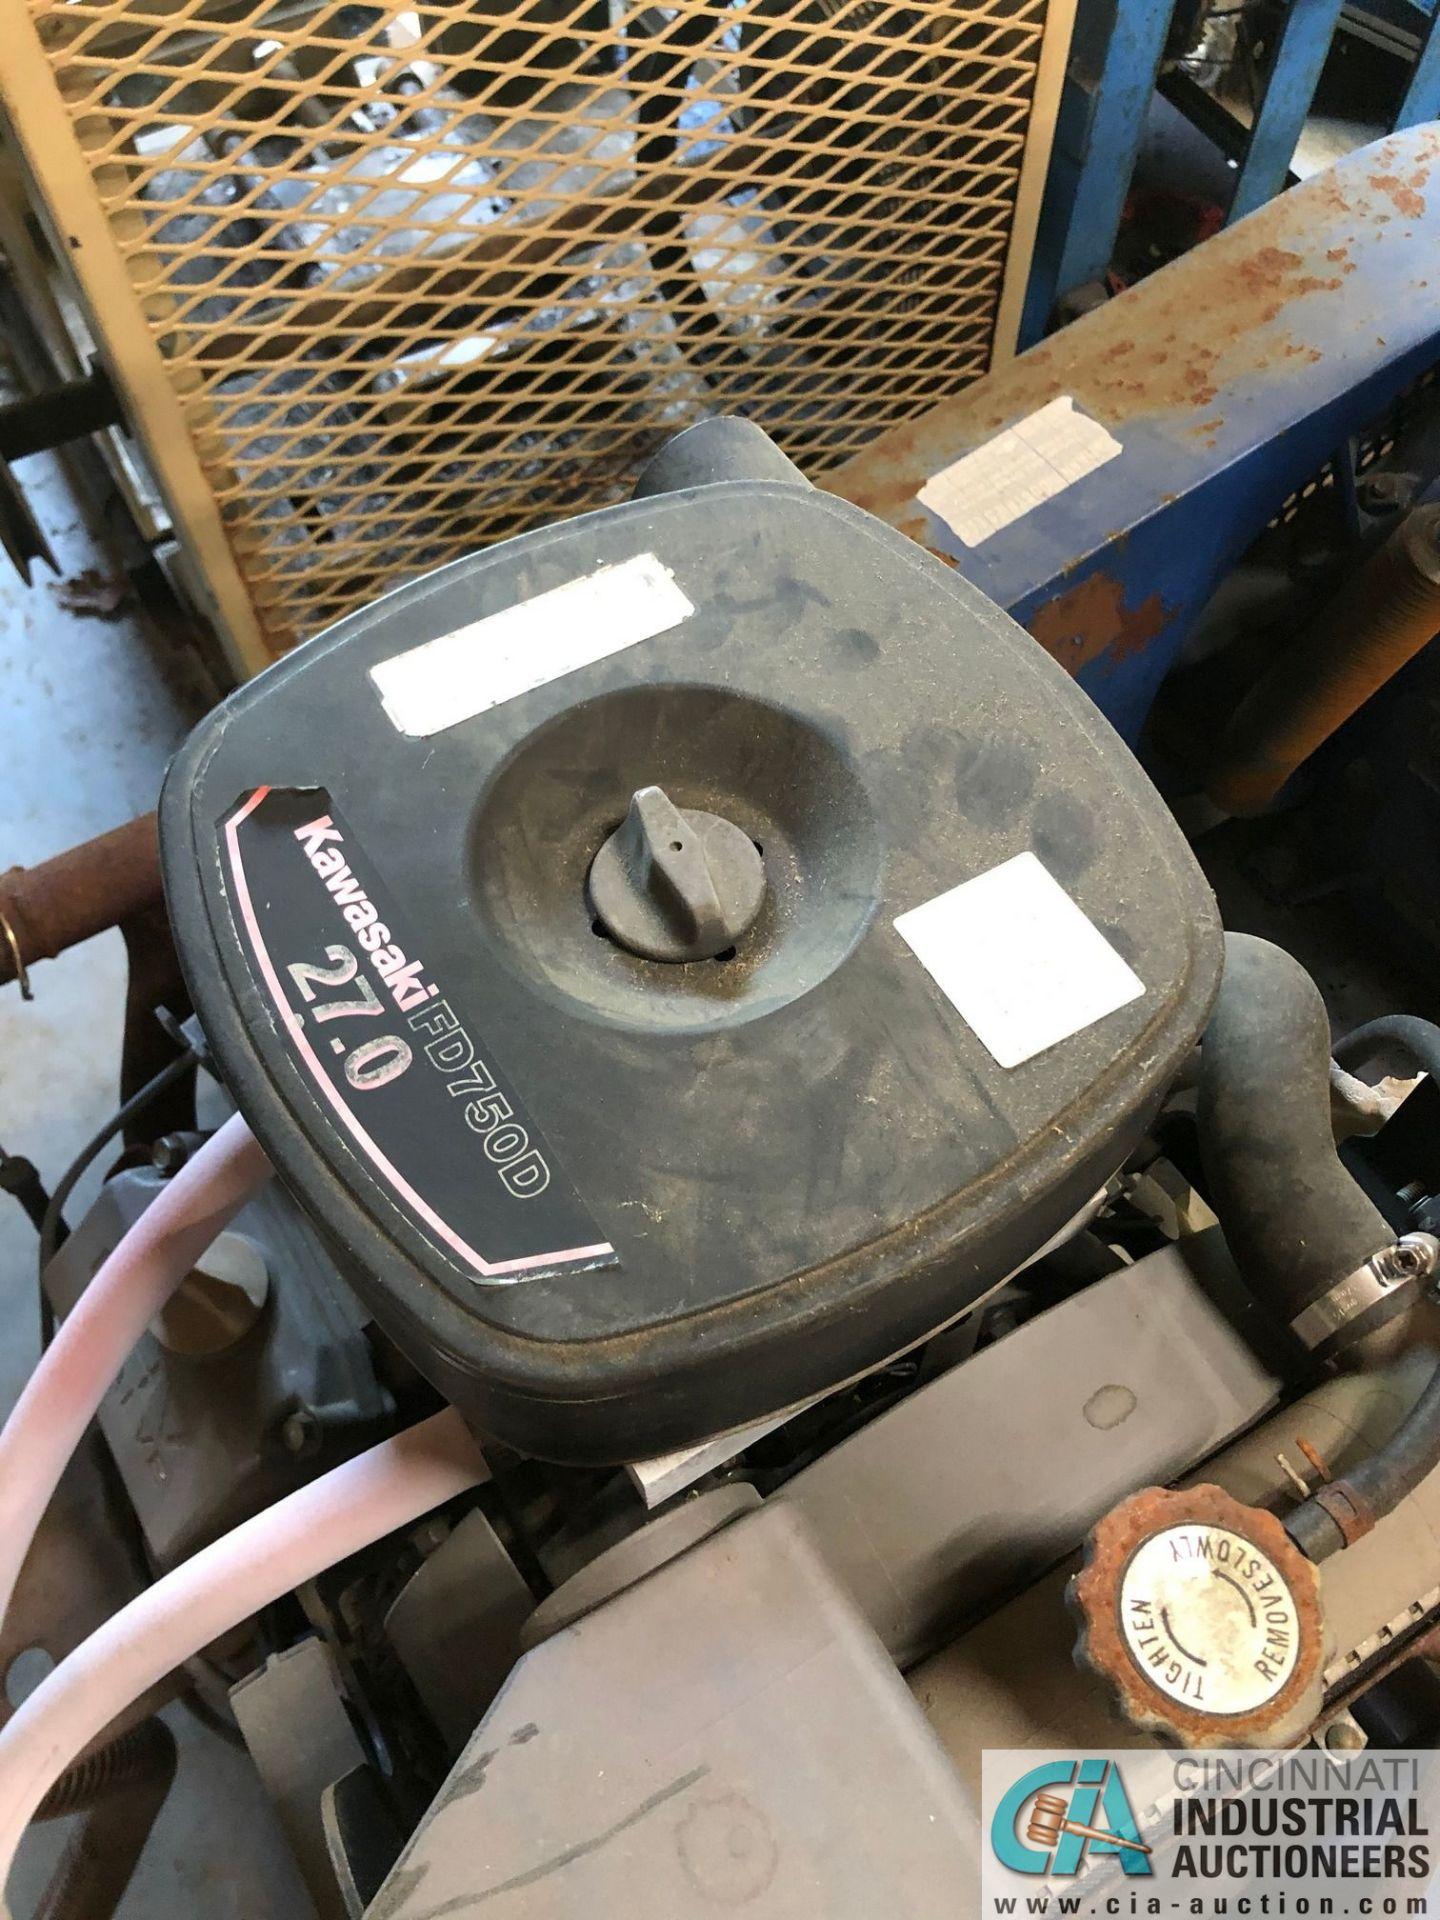 CANAN NATURAL GAS POWERED SKID MOUNTED NATURAL GAS COMPRESSOR; 27-HP KAWASAKI ENGINE, NO TRAILER ( - Image 3 of 3